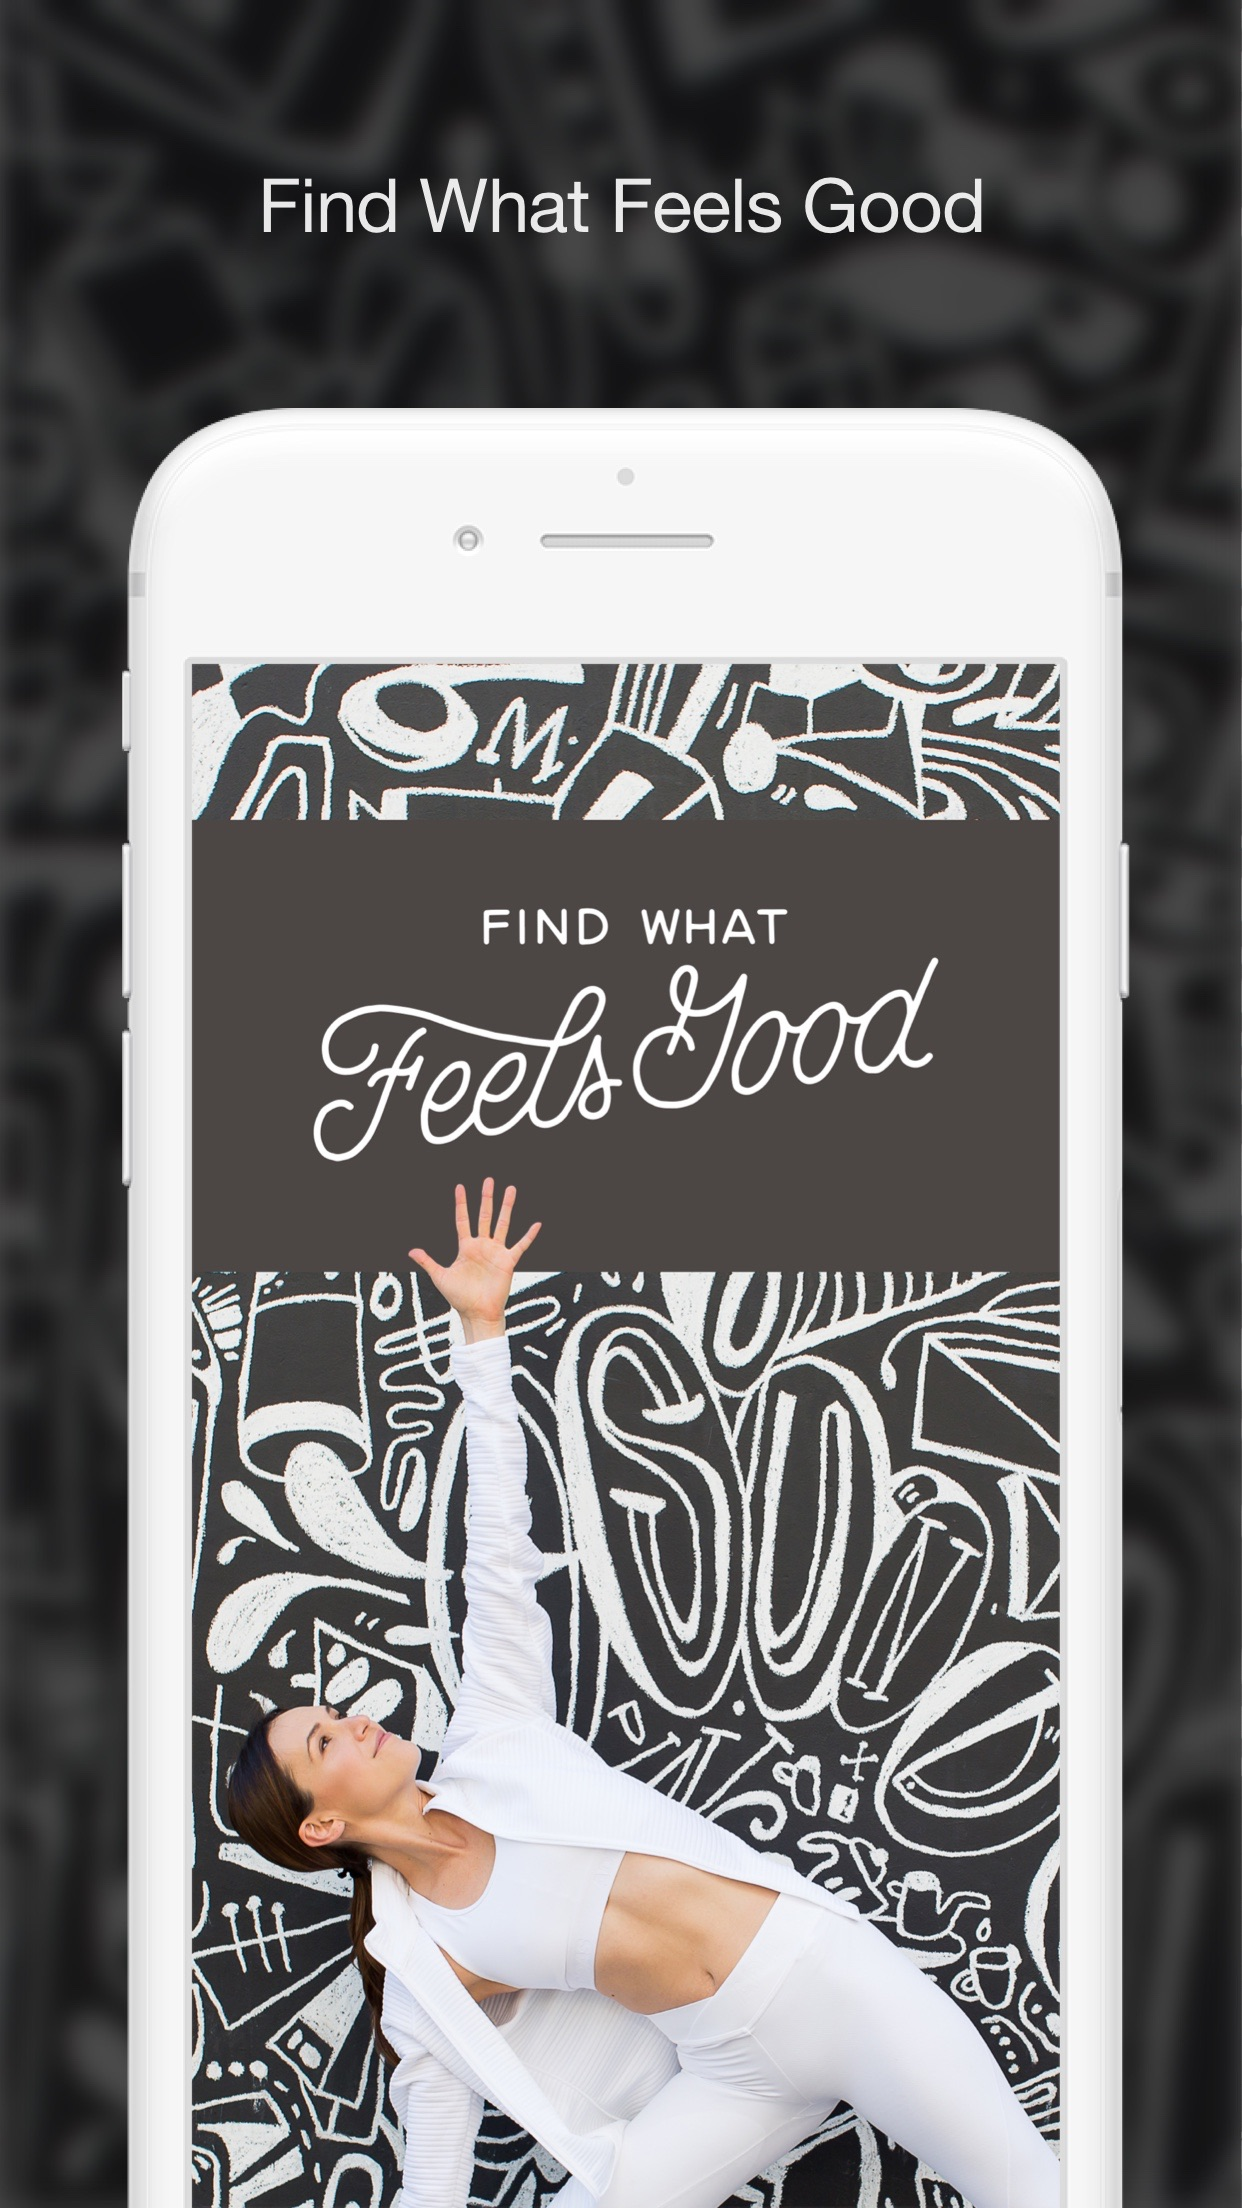 Find What Feels Good Screenshot